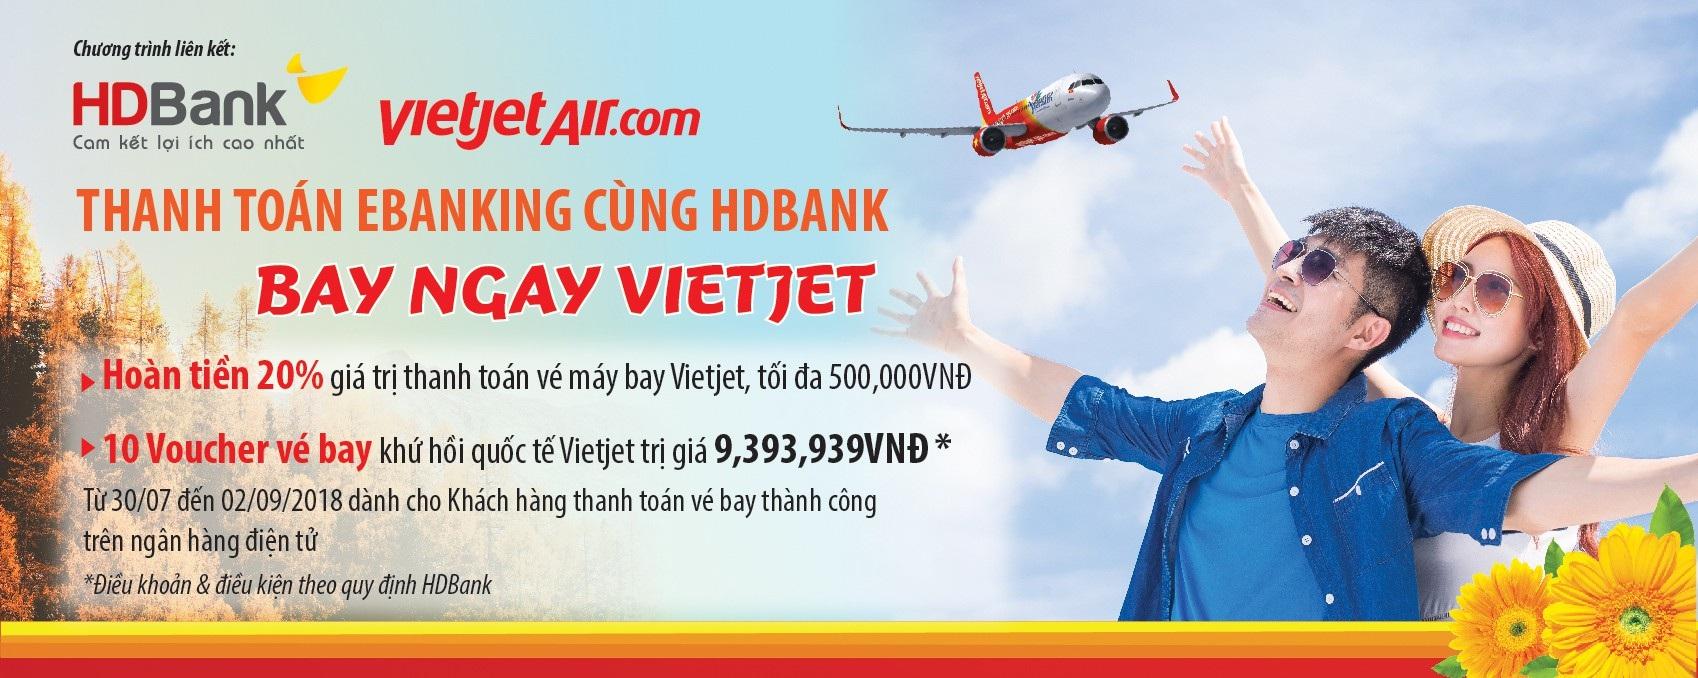 Thanh toán eBanking HDBank - Bay ngay cùng Vietjet - 1